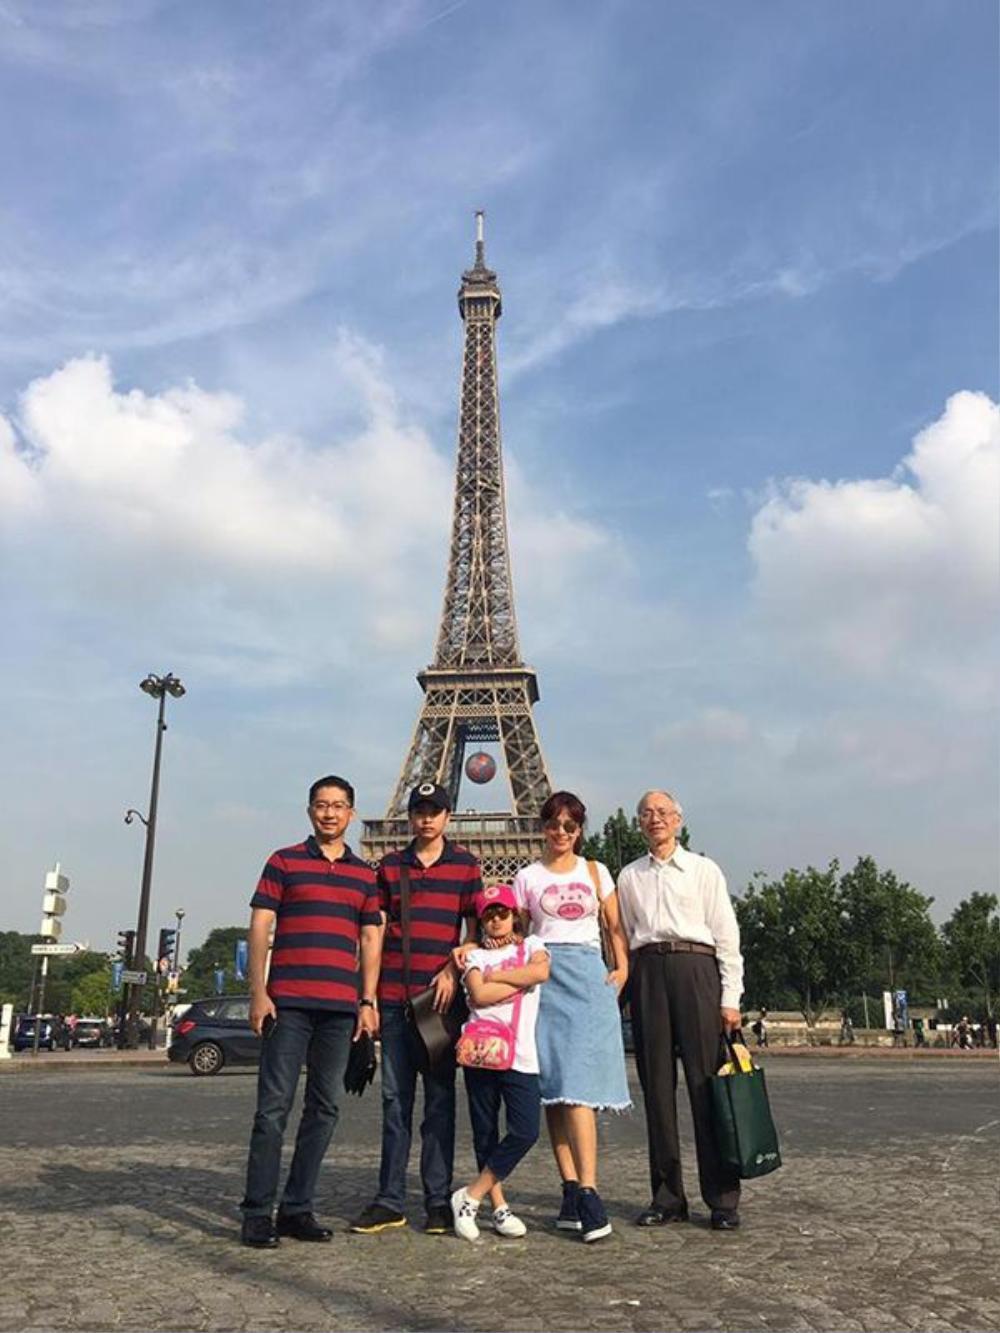 Cả gia đình người mẫu Thúy Hằng vừa tham gia chuyến du lịch châu Âu.